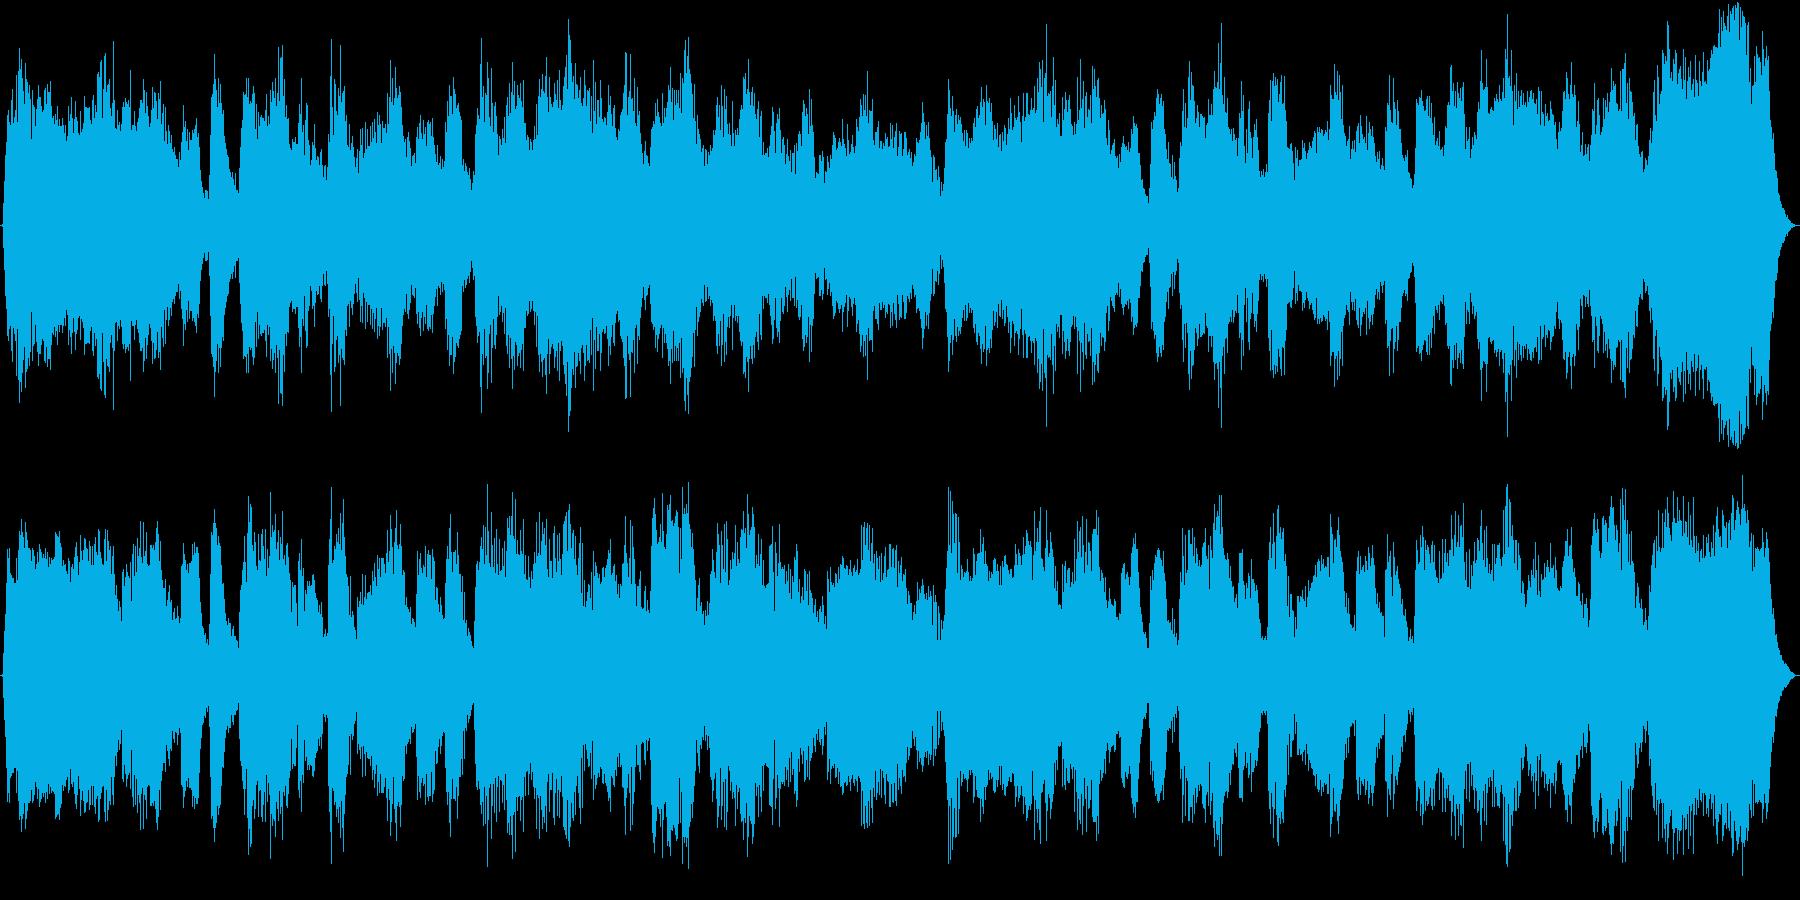 RPG系ゲームに合うクラシカルBGMの再生済みの波形